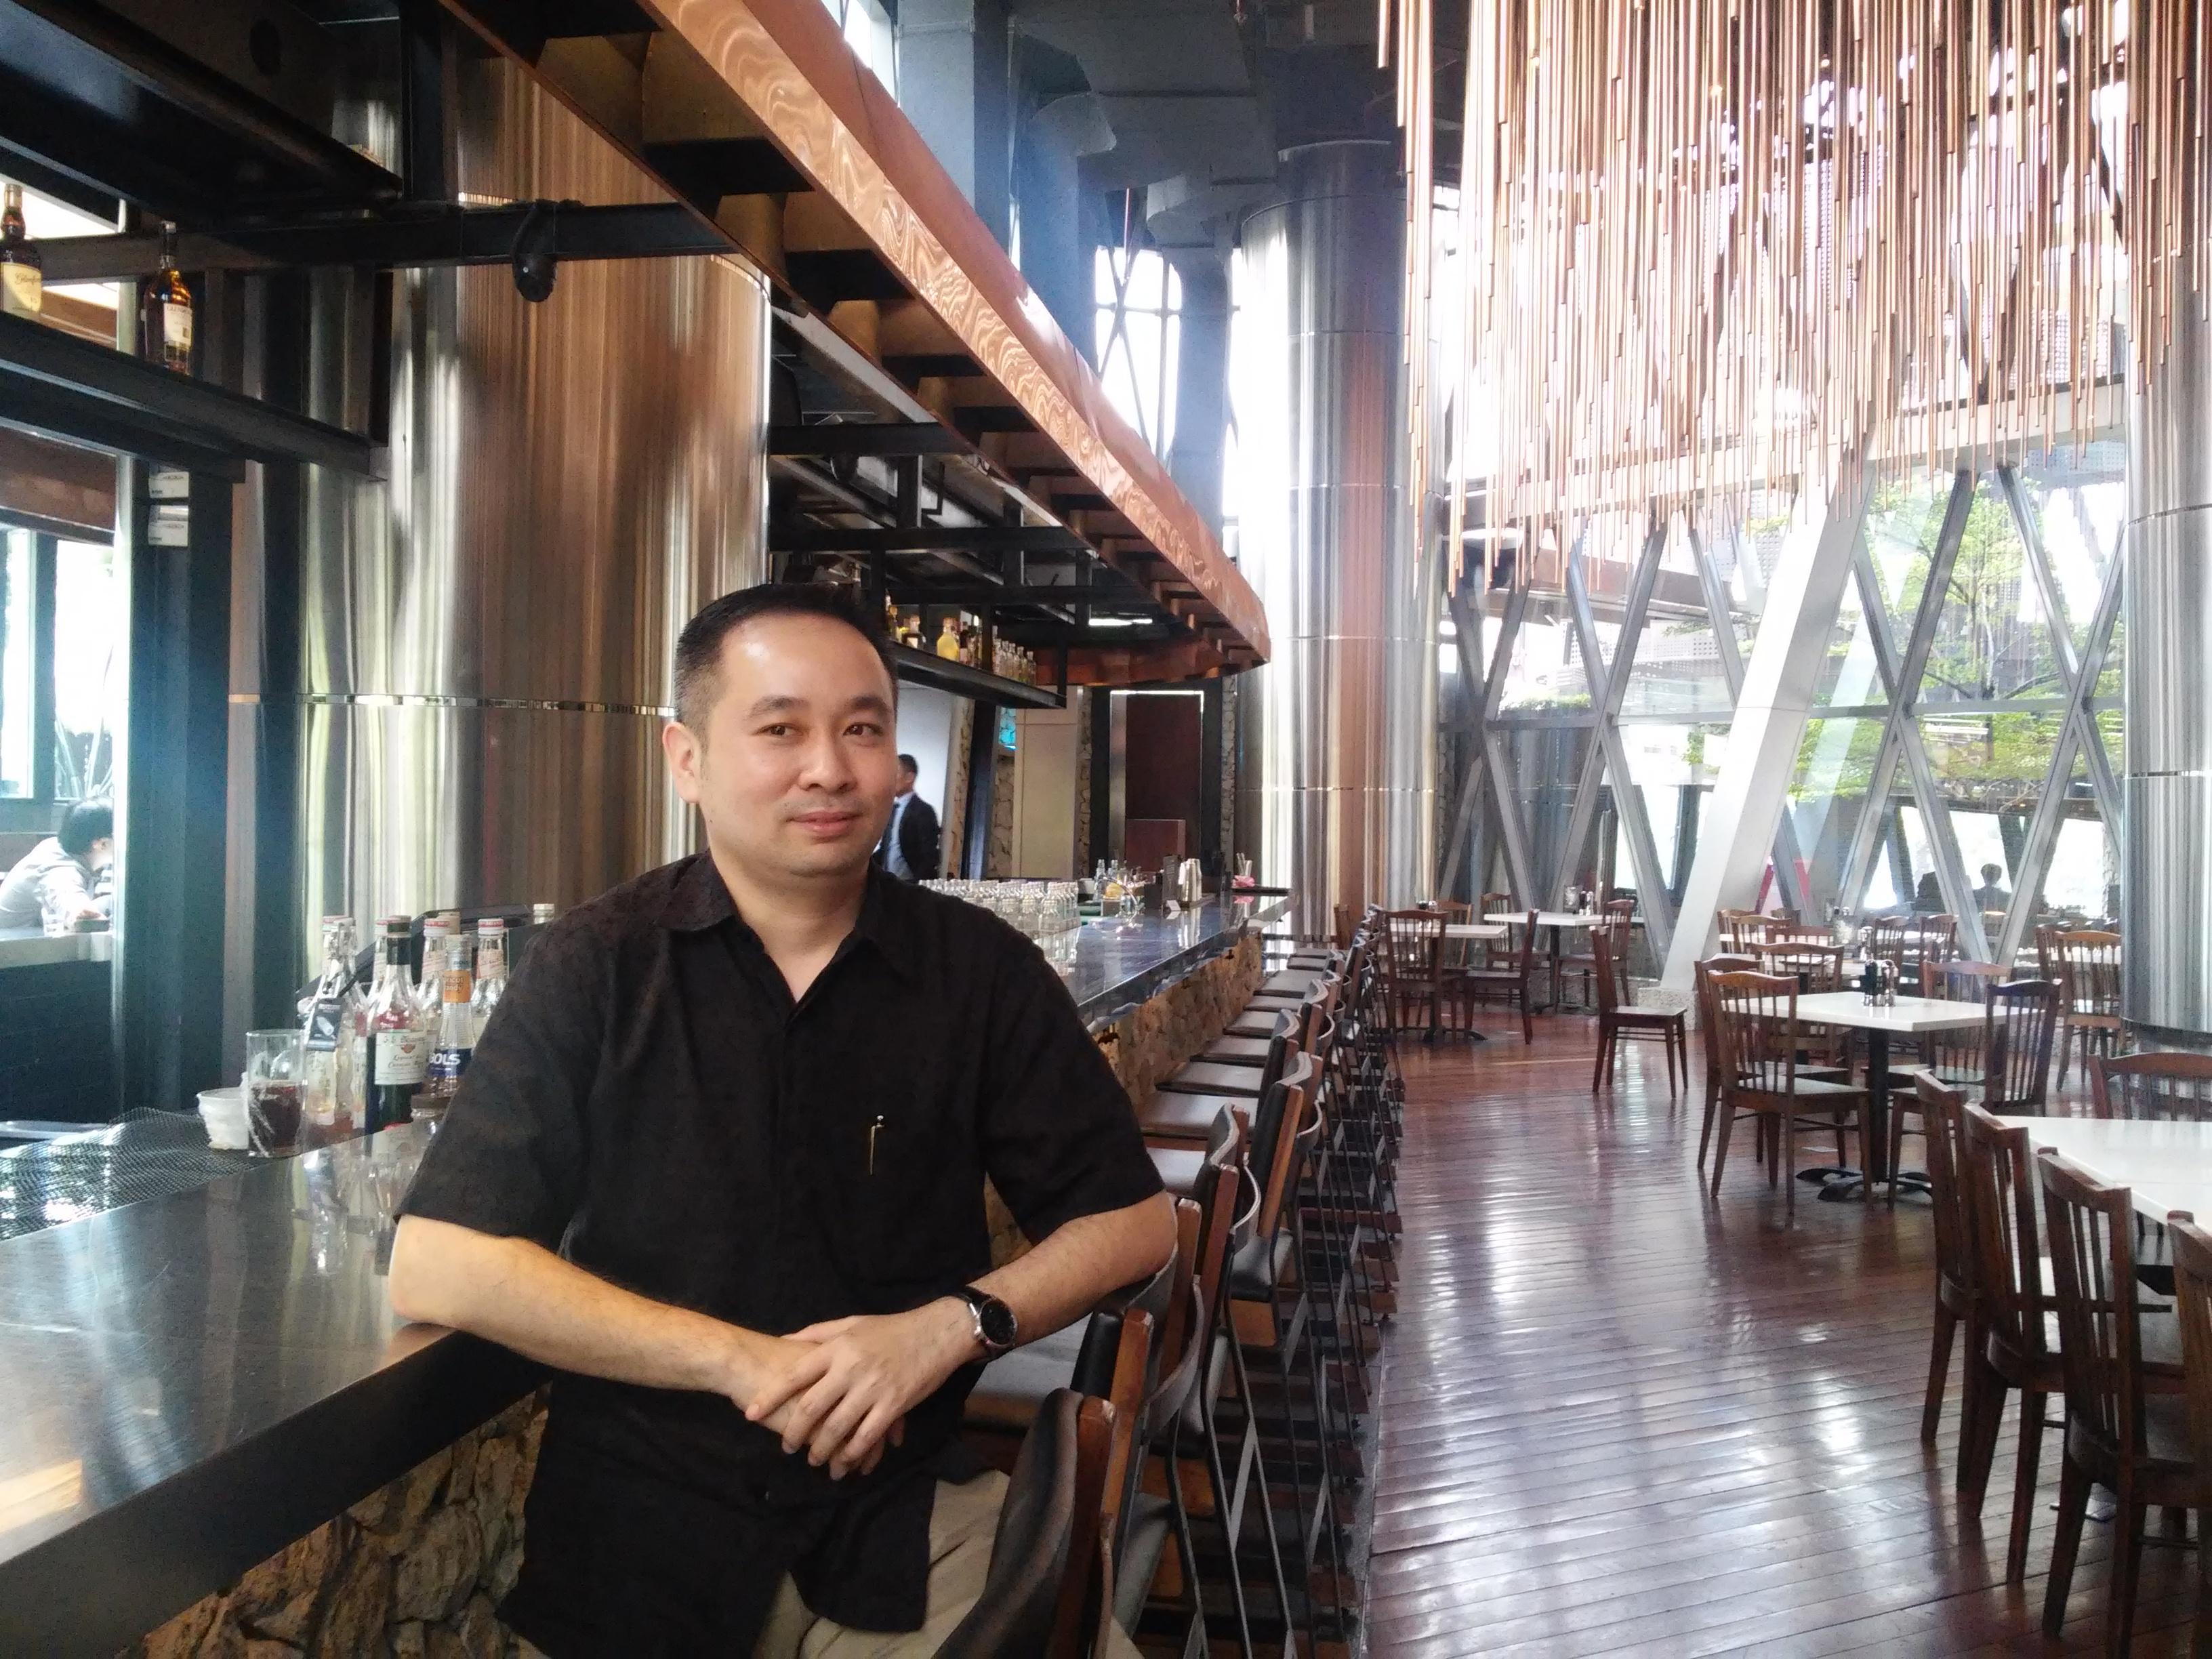 CEO Infokost Frandy Wirajaya Sugianto / DailySocial